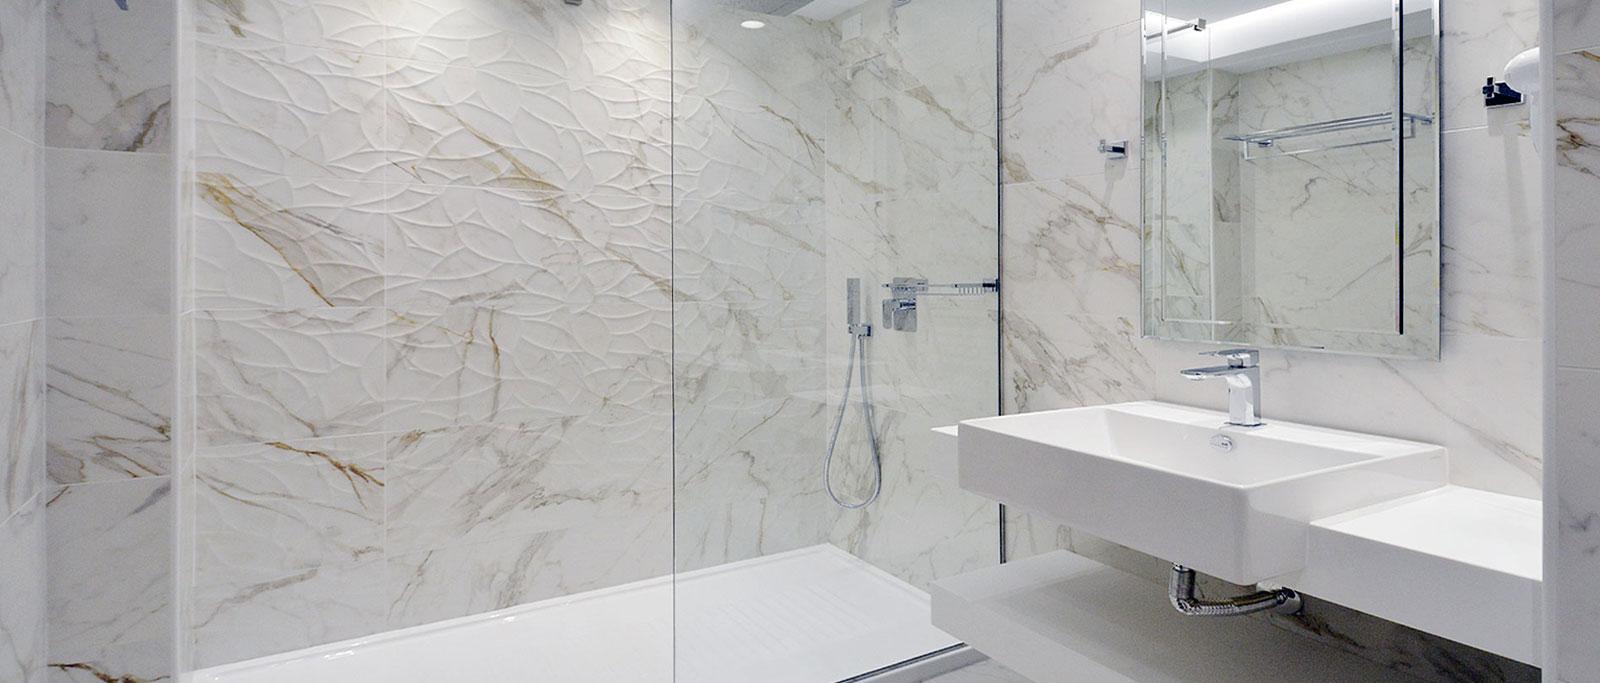 Σταθερό διαχωριστικό ντουζιέρας στο χώρο του μπάνιου